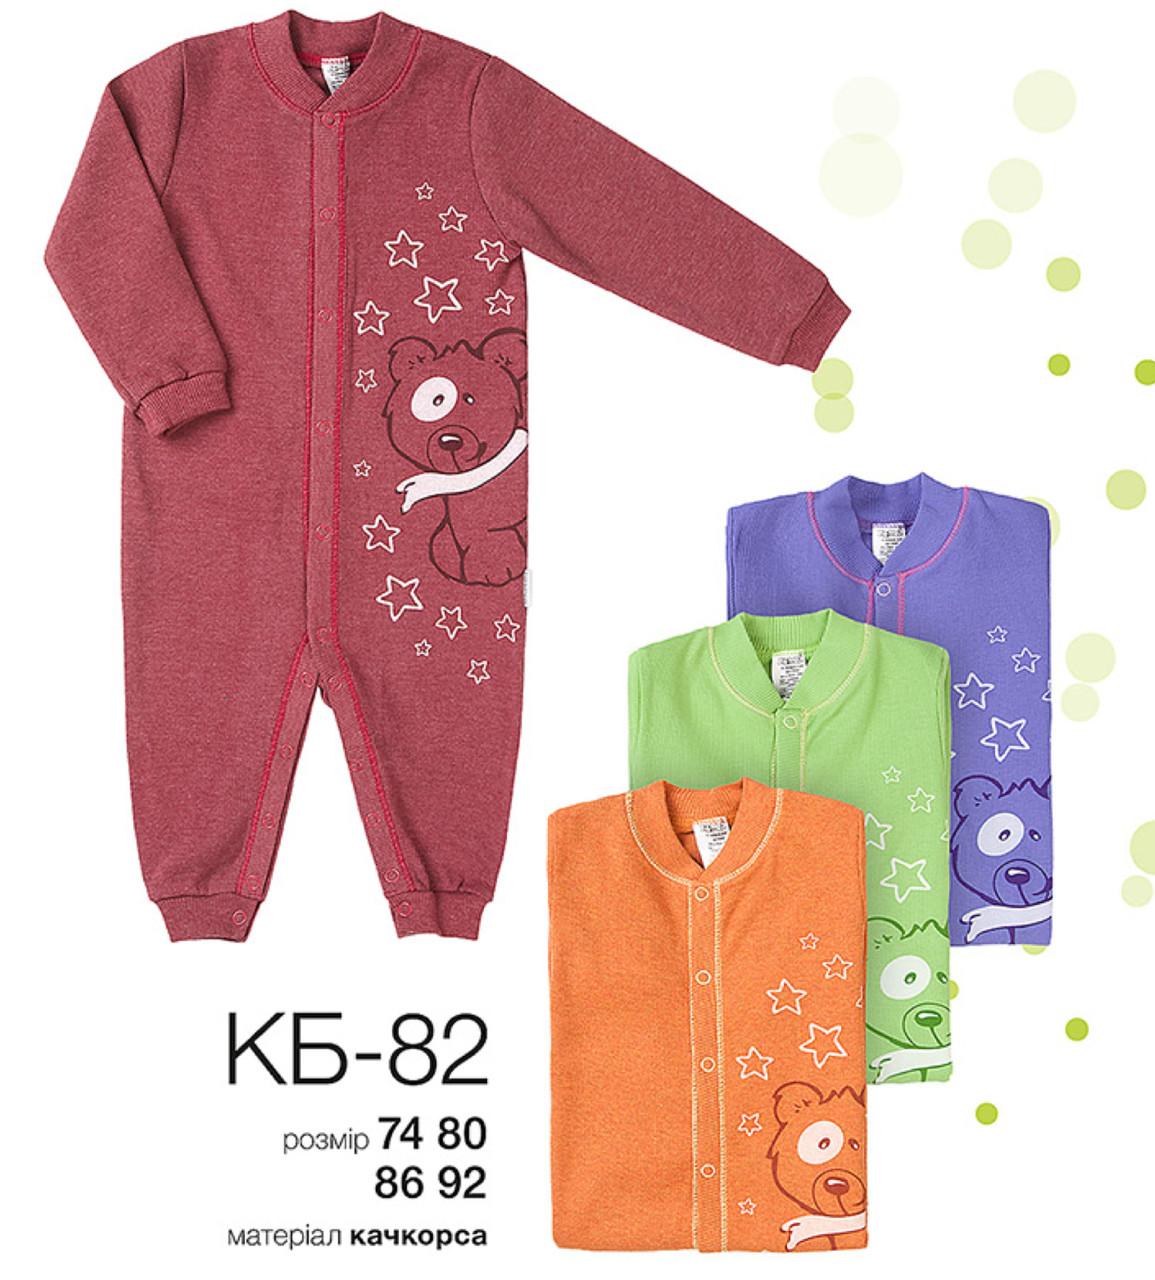 дешевая детская одежда из украины наложенным платежом